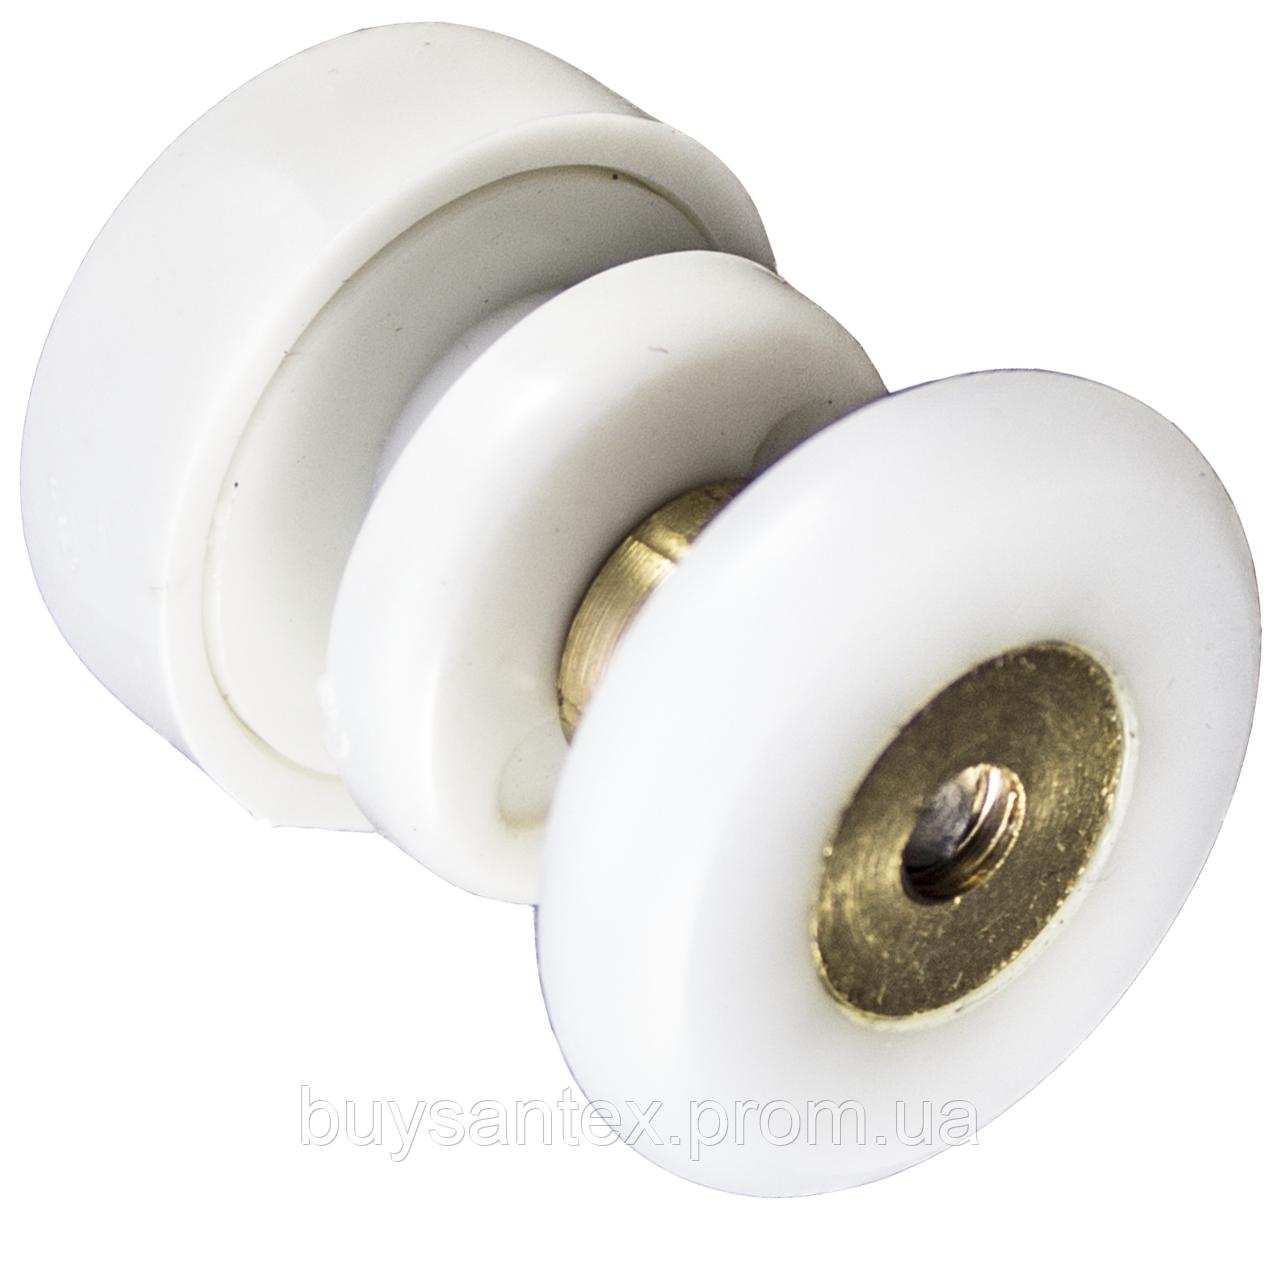 Ролик для душевый кабин, гидробоксов (CKLB23A) одинарный , белый с диаметром колеса 26 мм.